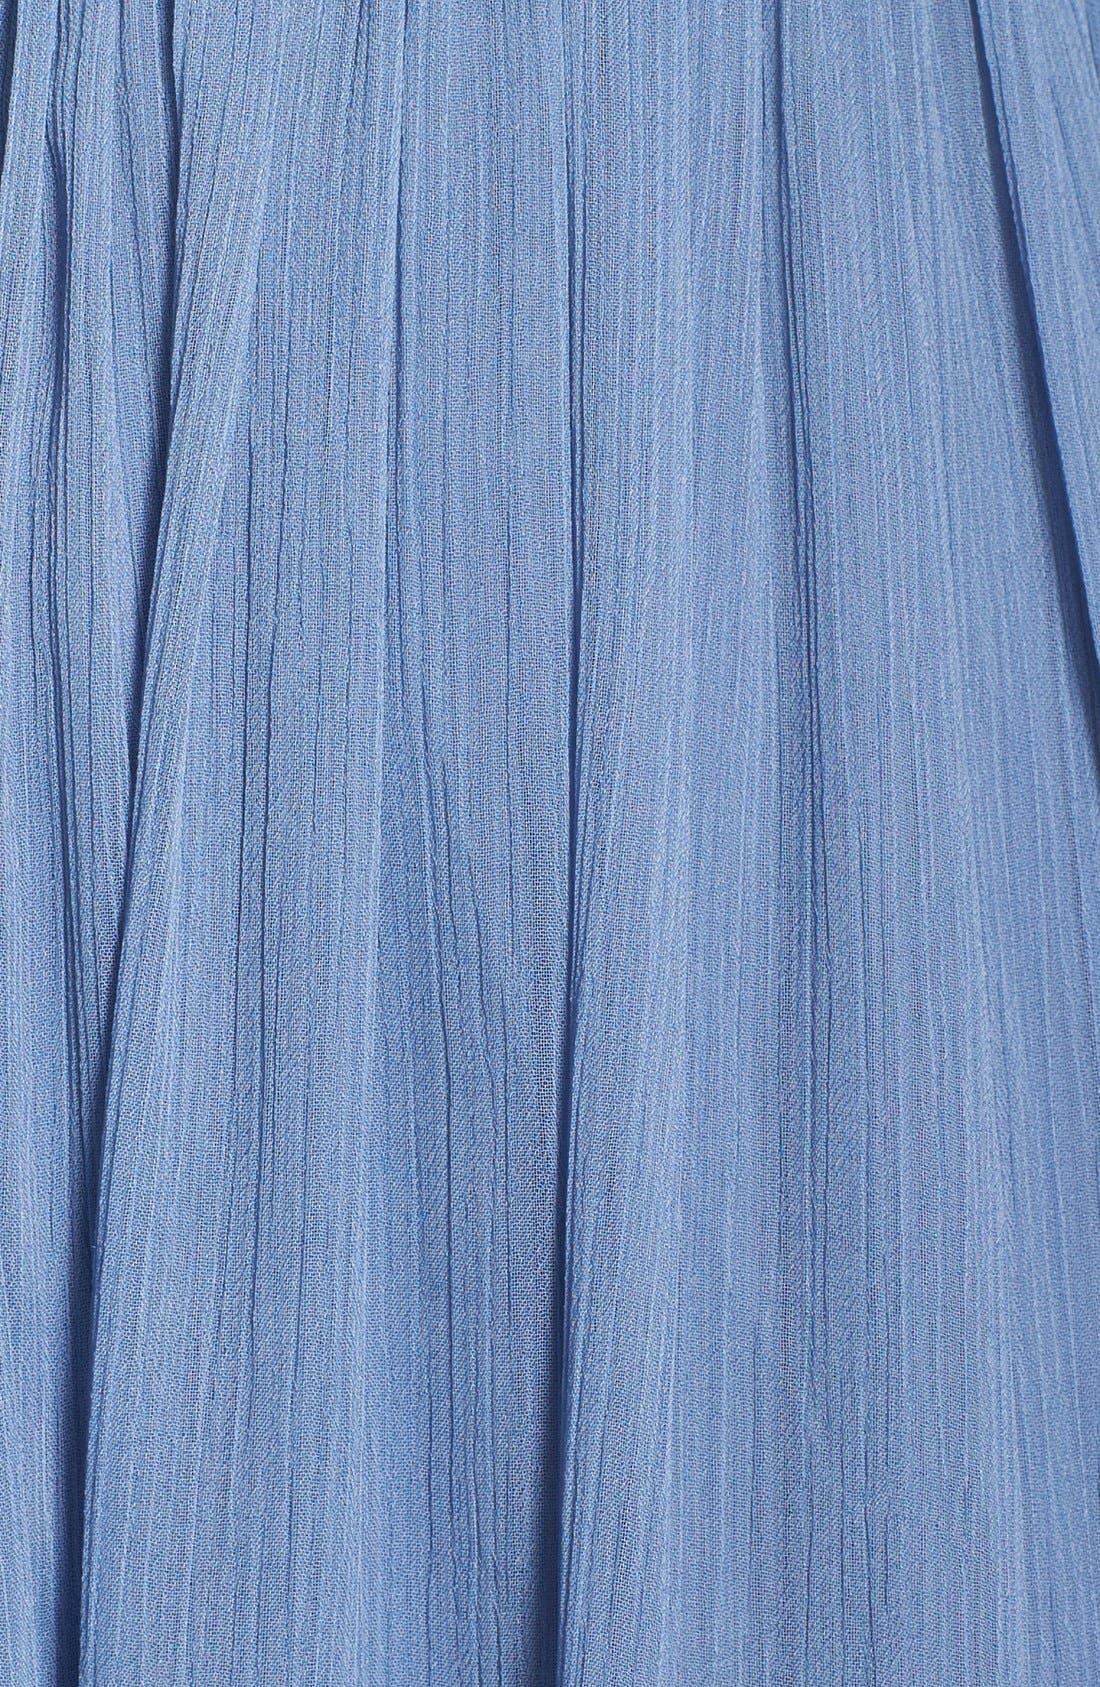 Alternate Image 3  - Vera Wang Gathered Chiffon Gown